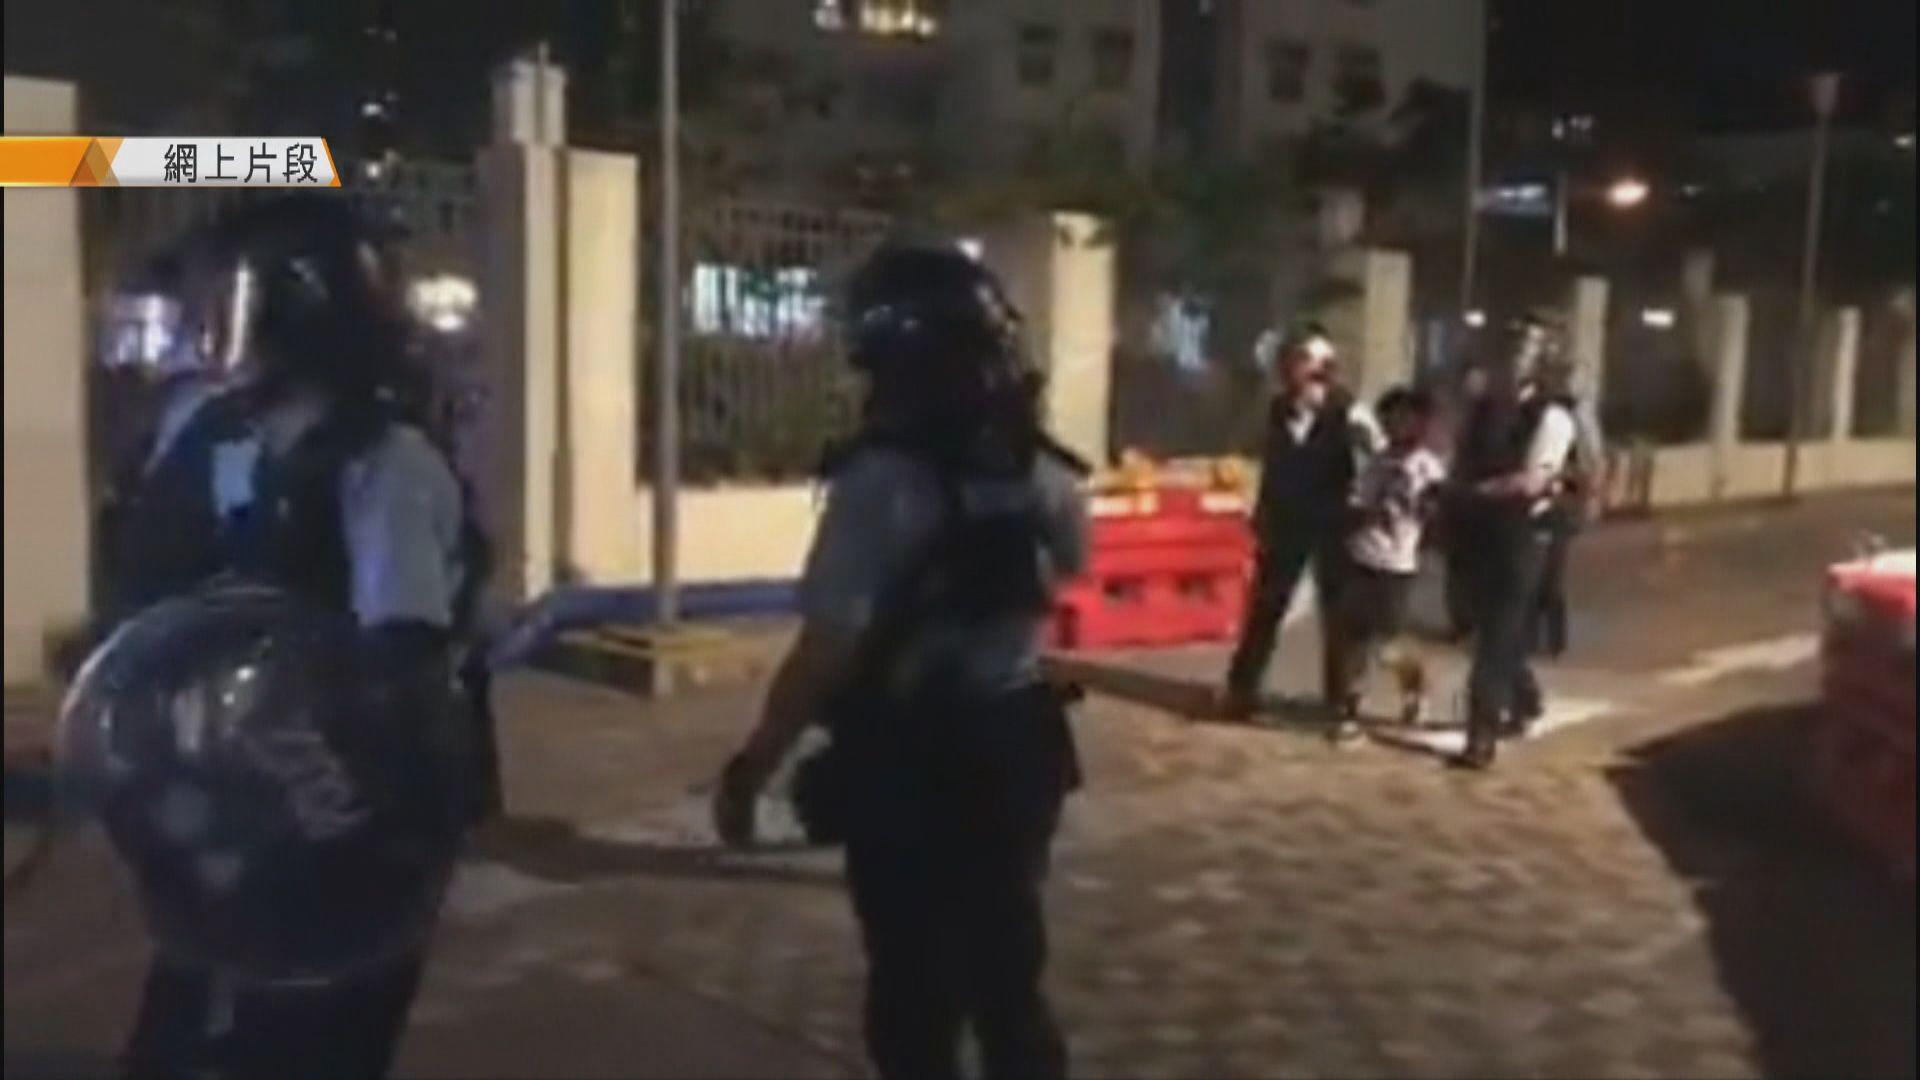 將軍澳警民衝突 十二歲男童被帶走